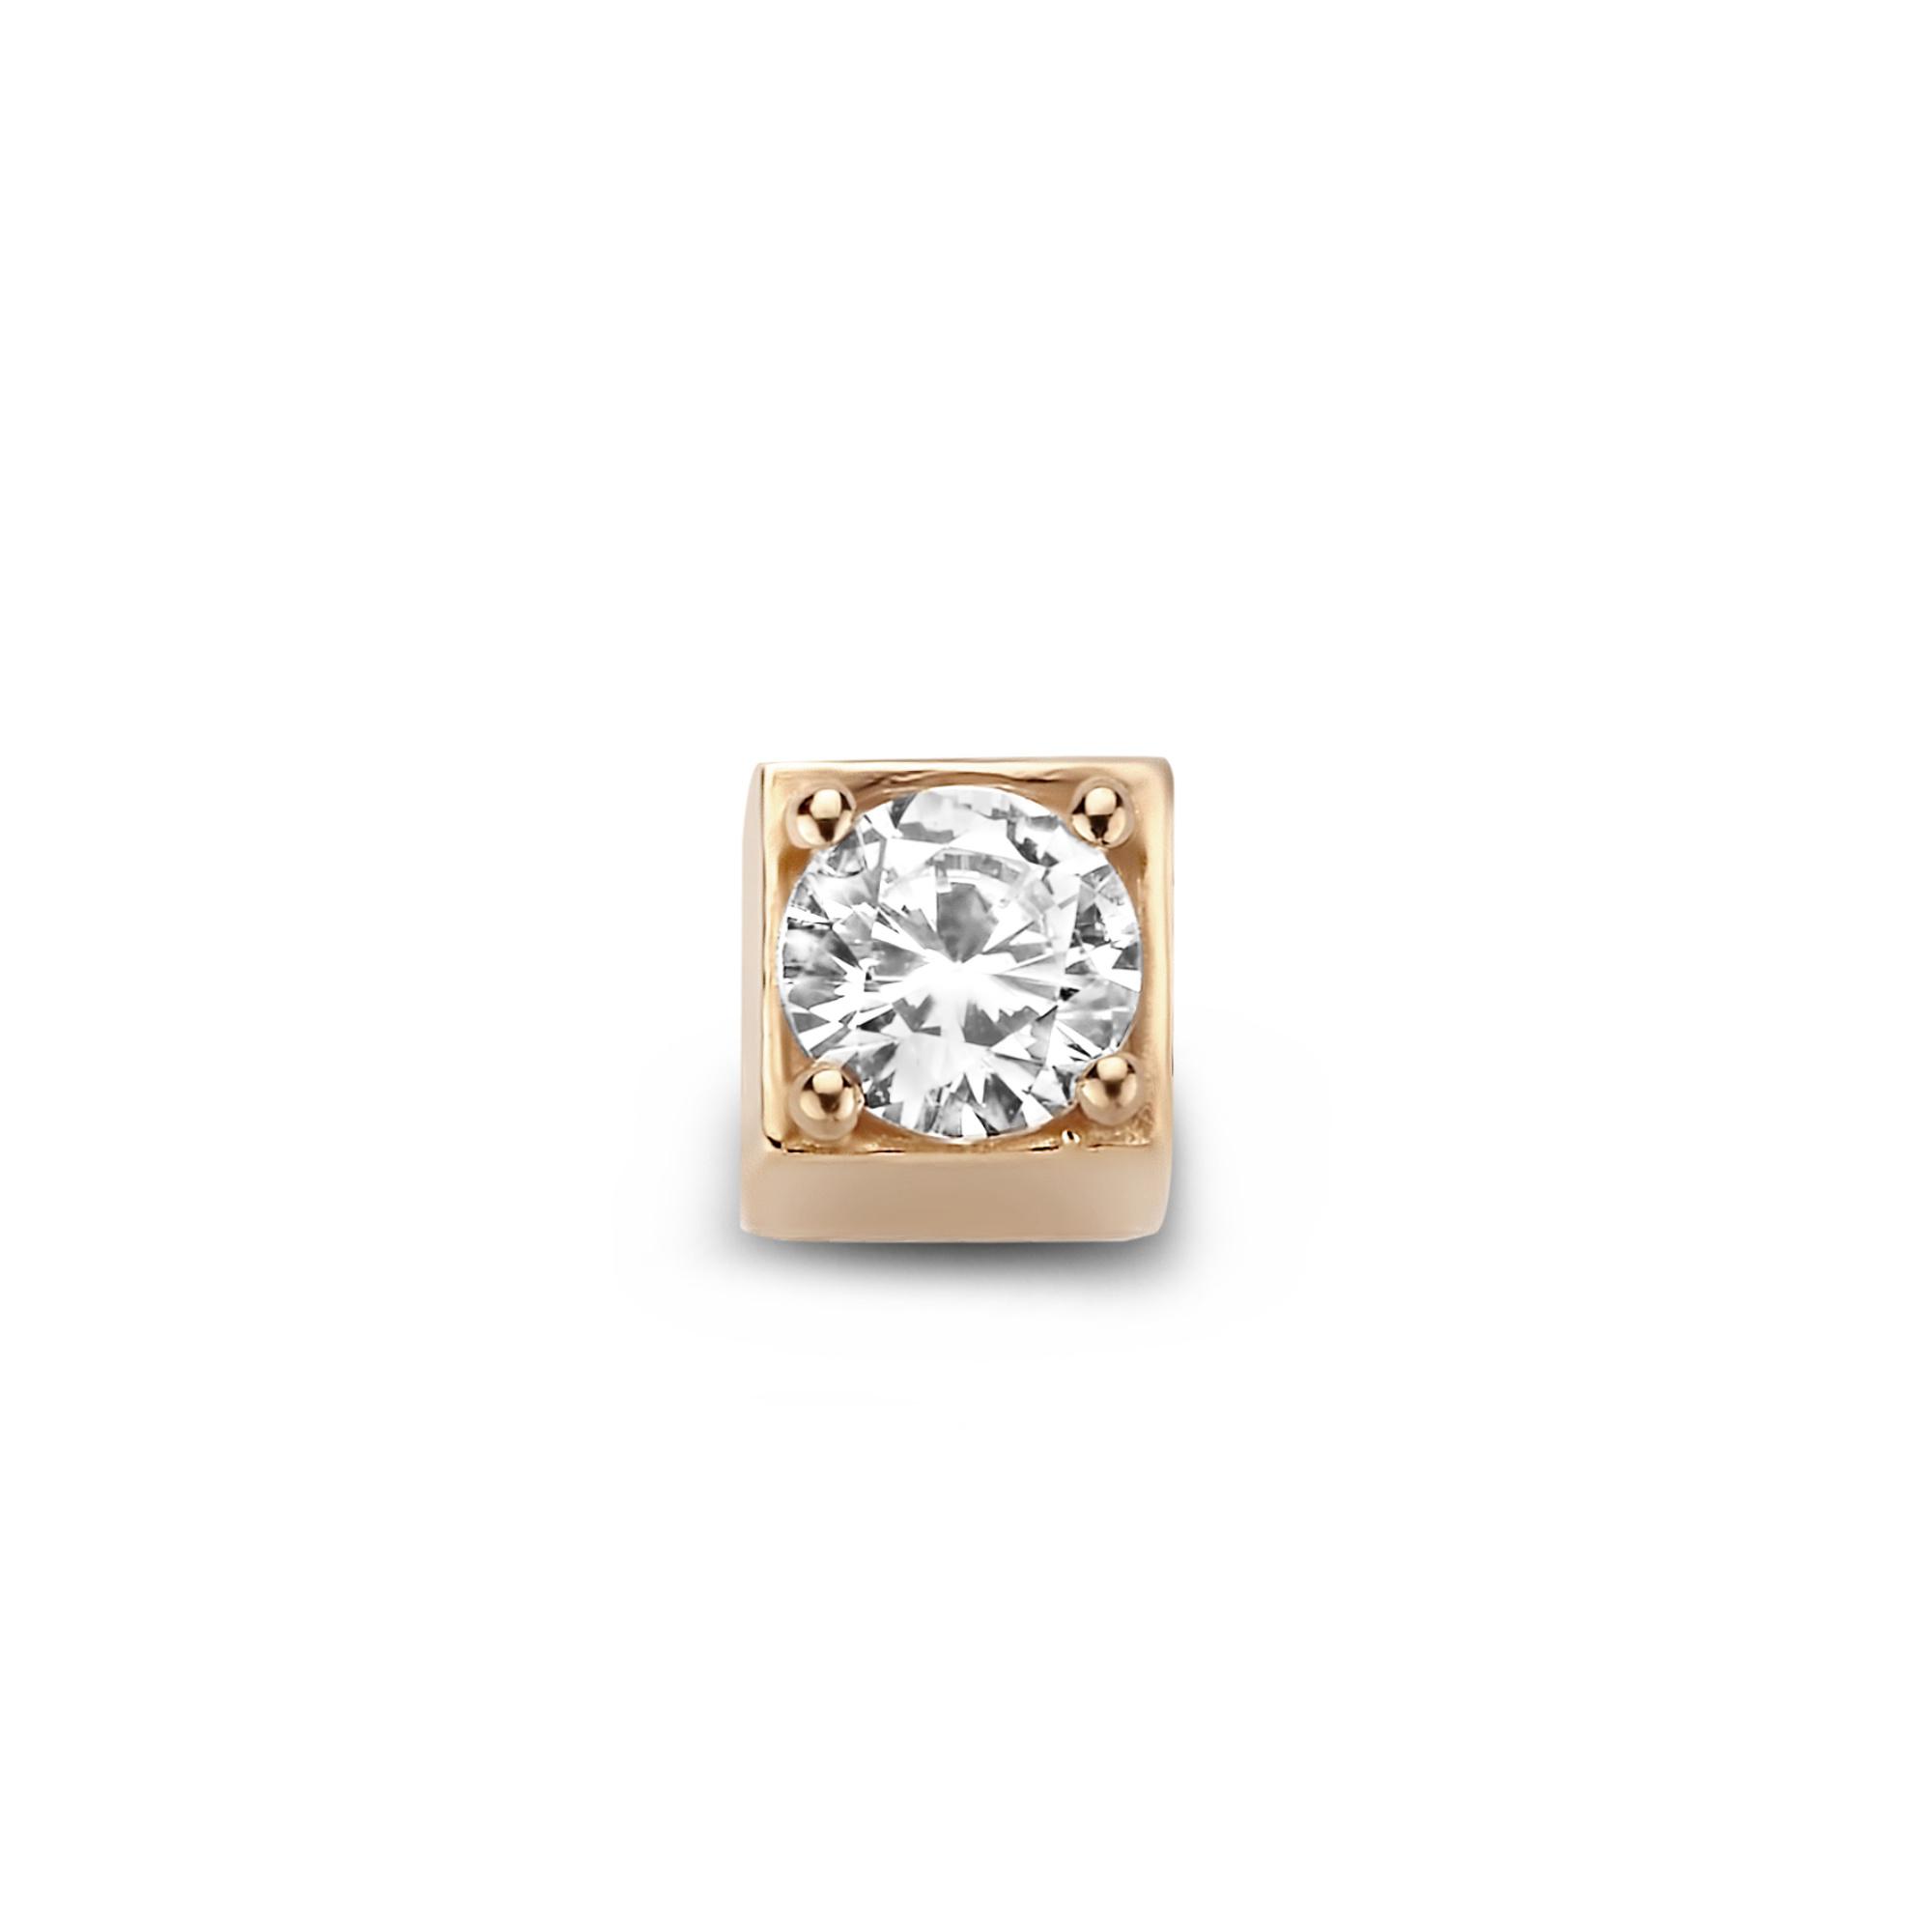 Isabel Bernard La Concorde Felie 14 karaat rosé gouden kubus bedel met zirkonia